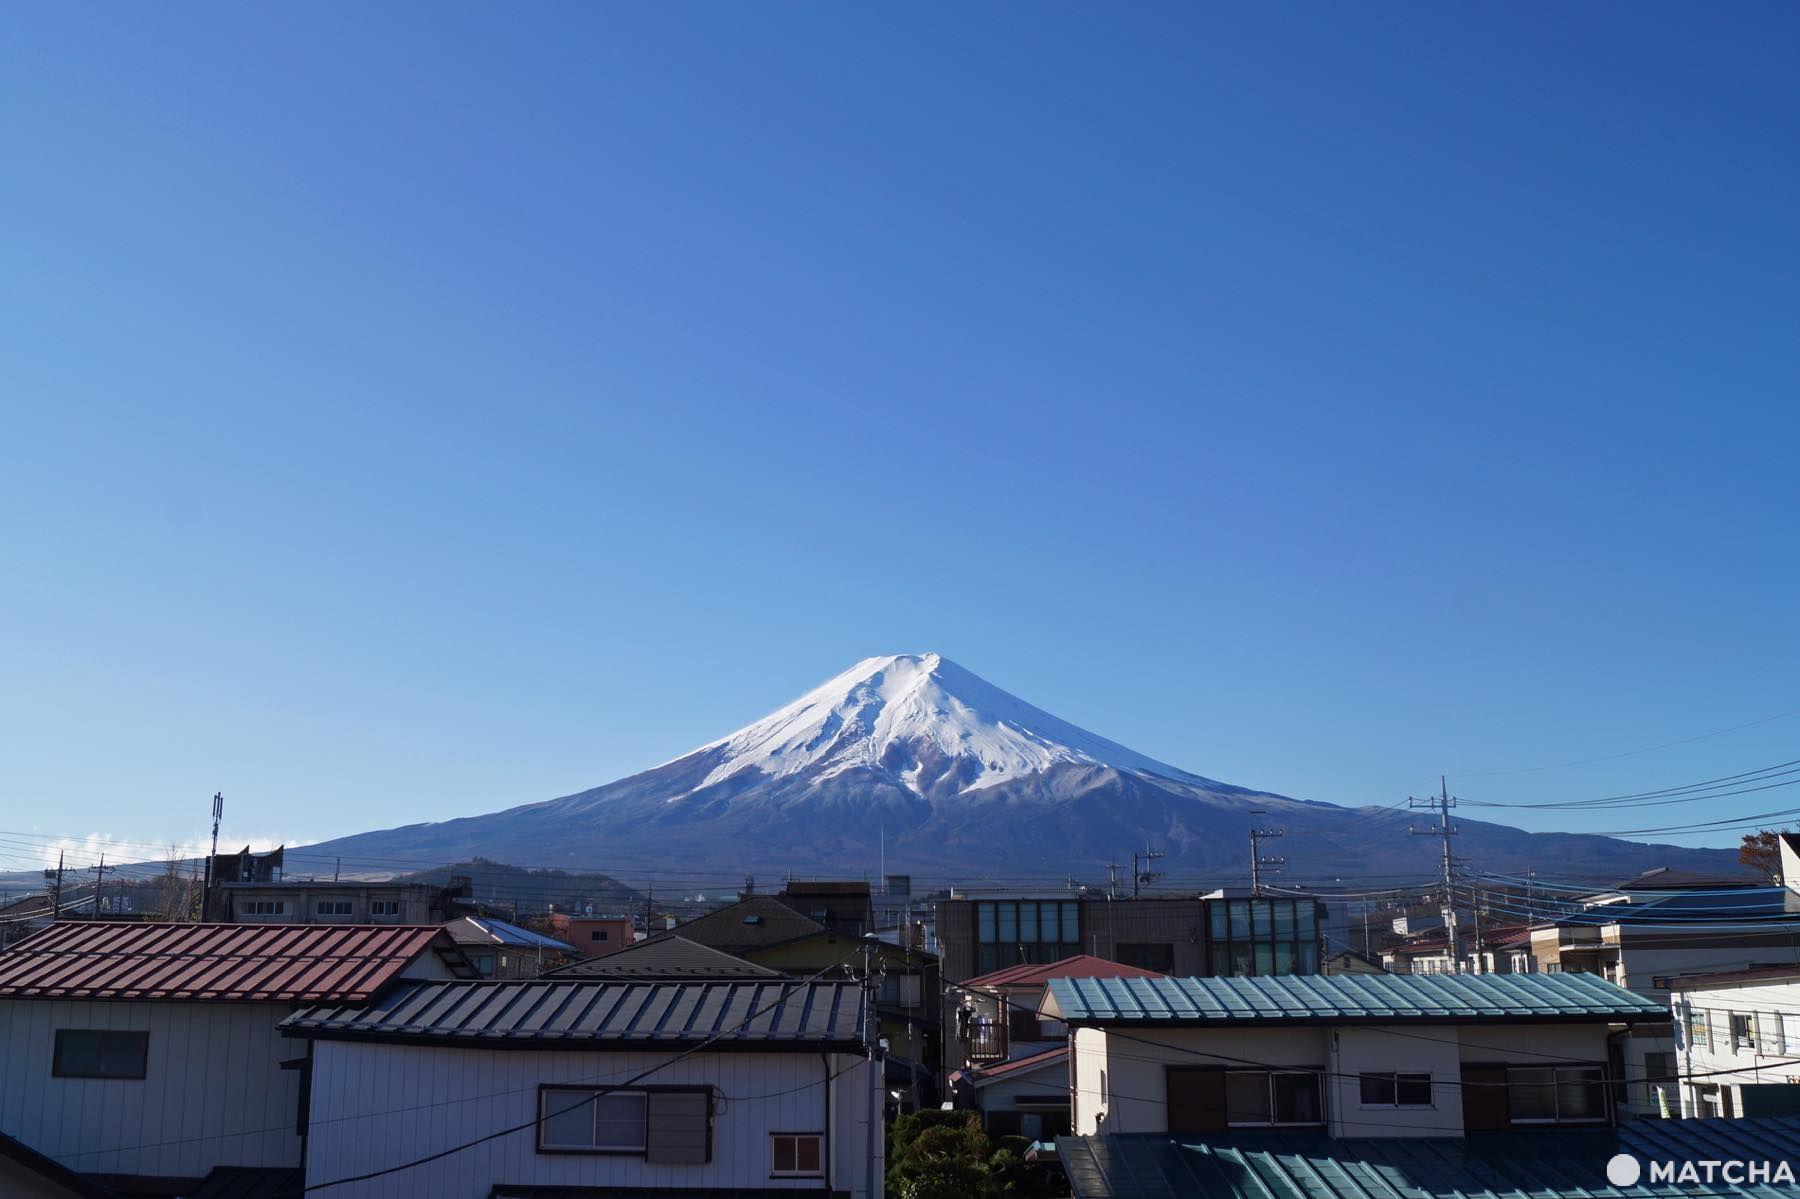 山梨でやりたい12のことー富士山、富士急、河口湖、富士五湖